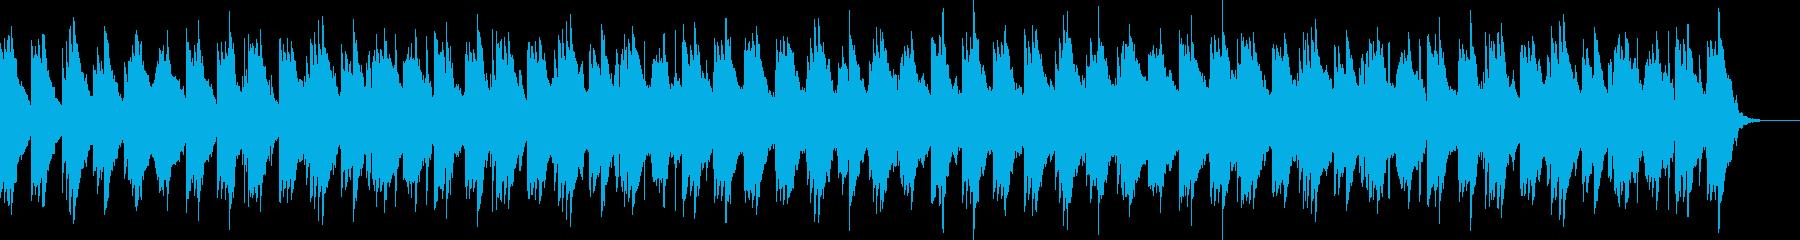 刺激的でエレガントに編成されたピアノと弦の再生済みの波形